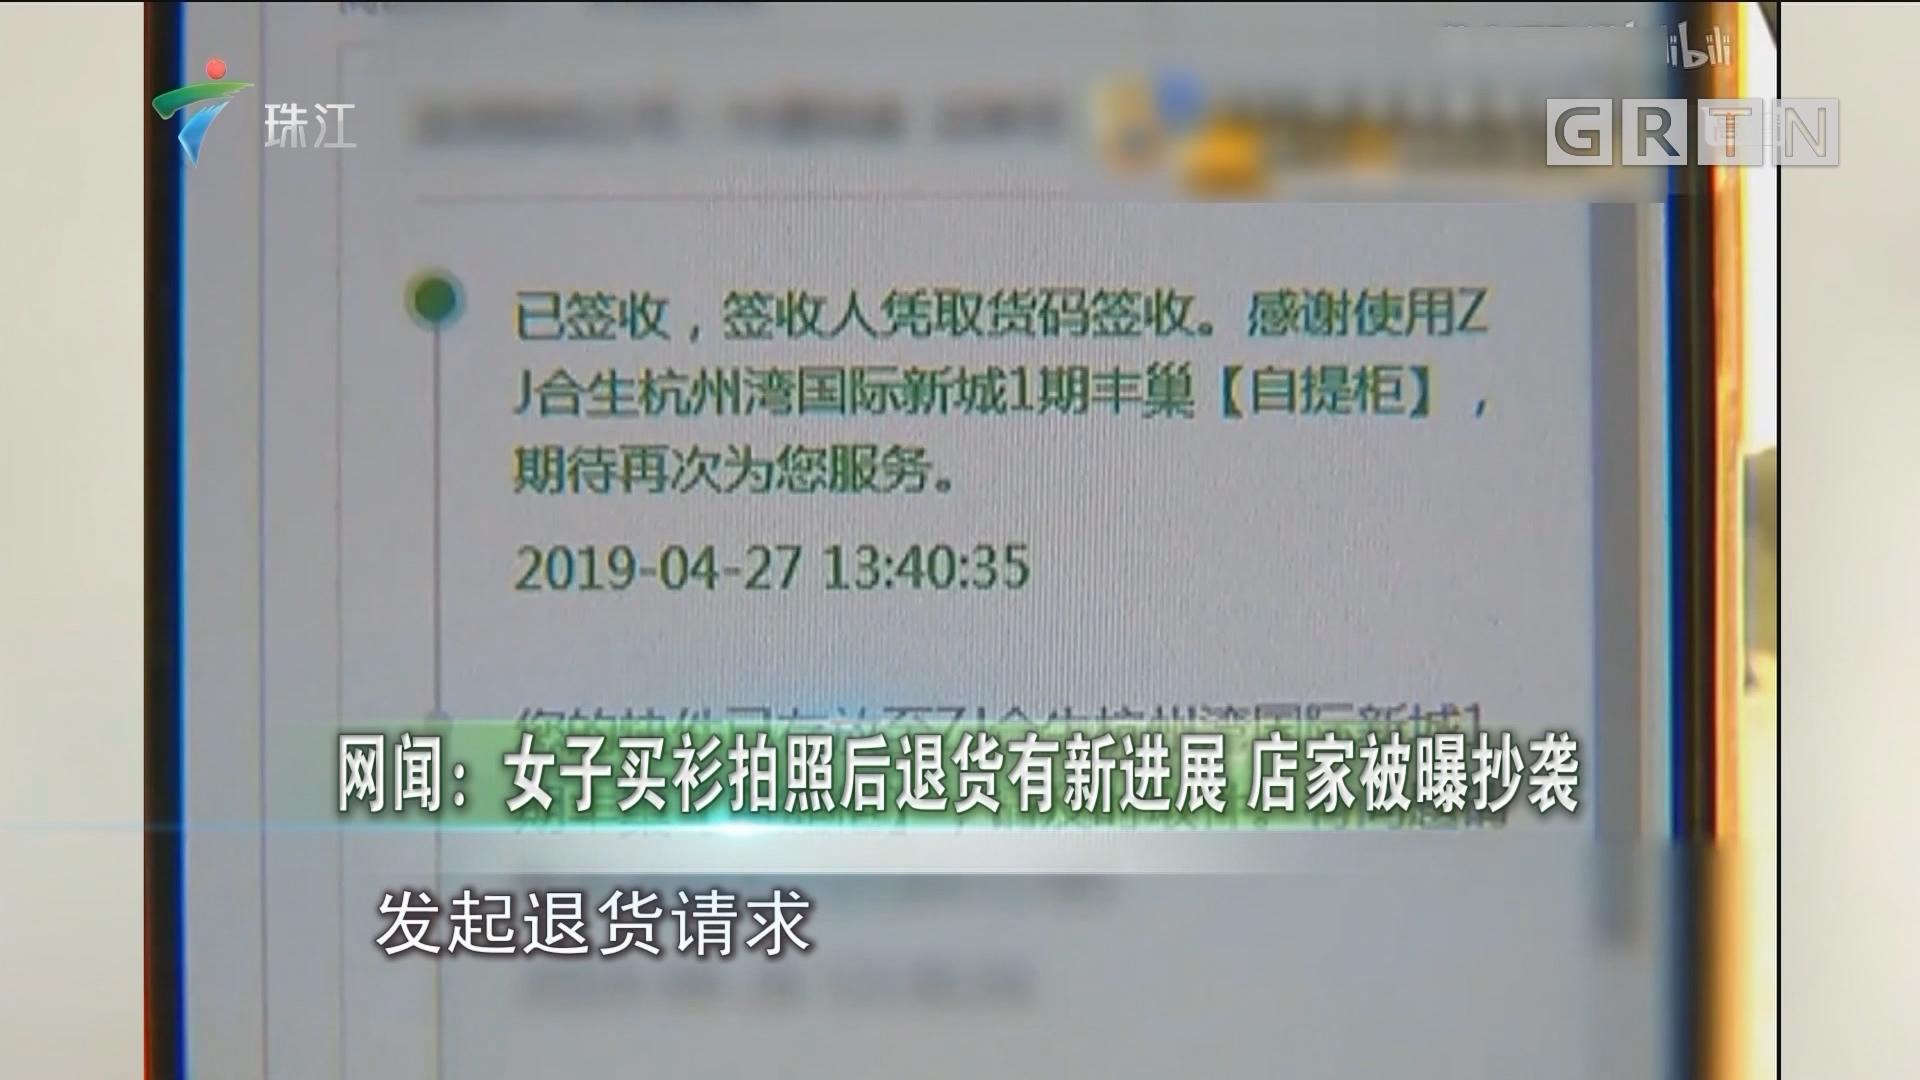 网闻:女子买衫拍照后退货有新进展 店家被曝抄袭